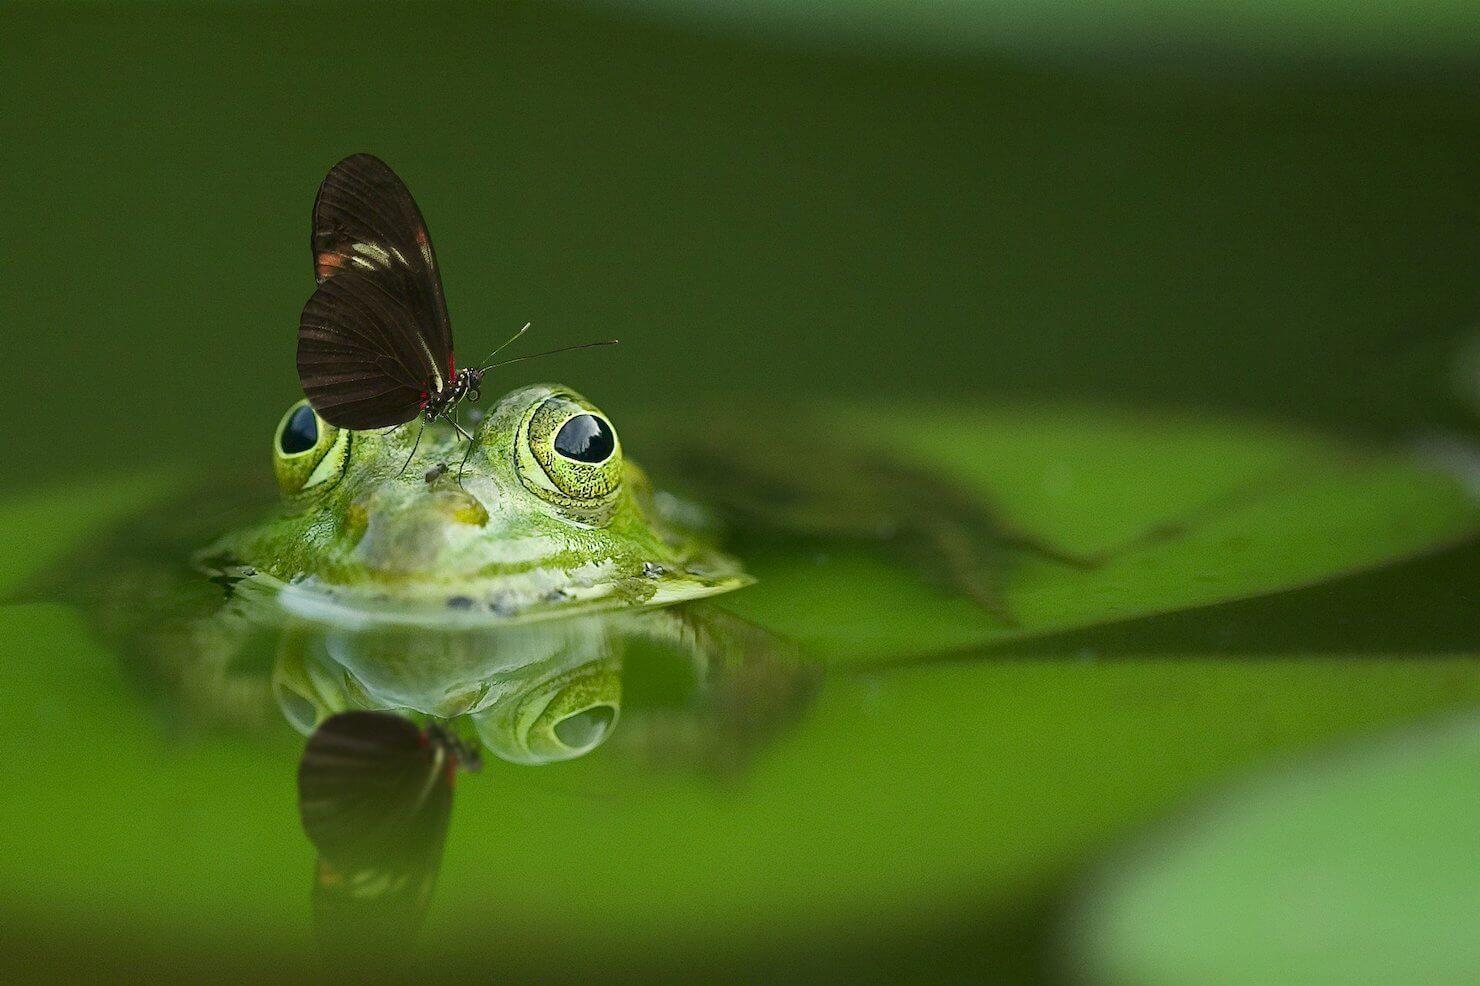 カエルの頭に蝶々がとまっている写真